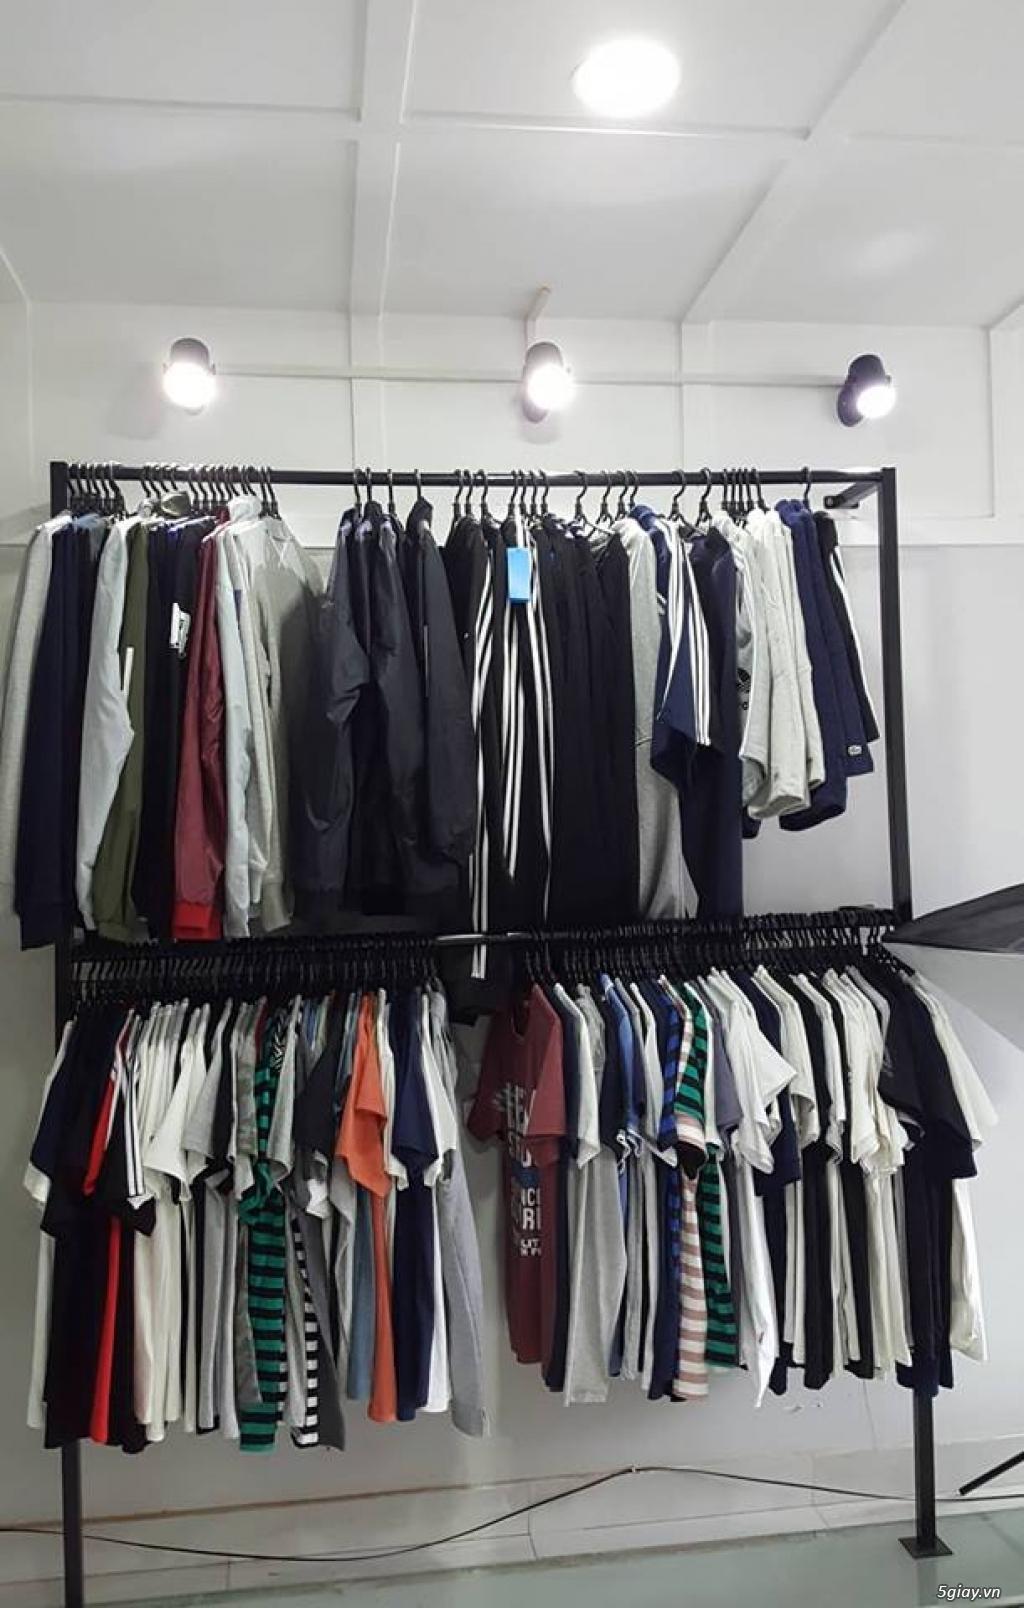 Thanh lý toàn bộ quần áo giá cực rẻ - 1